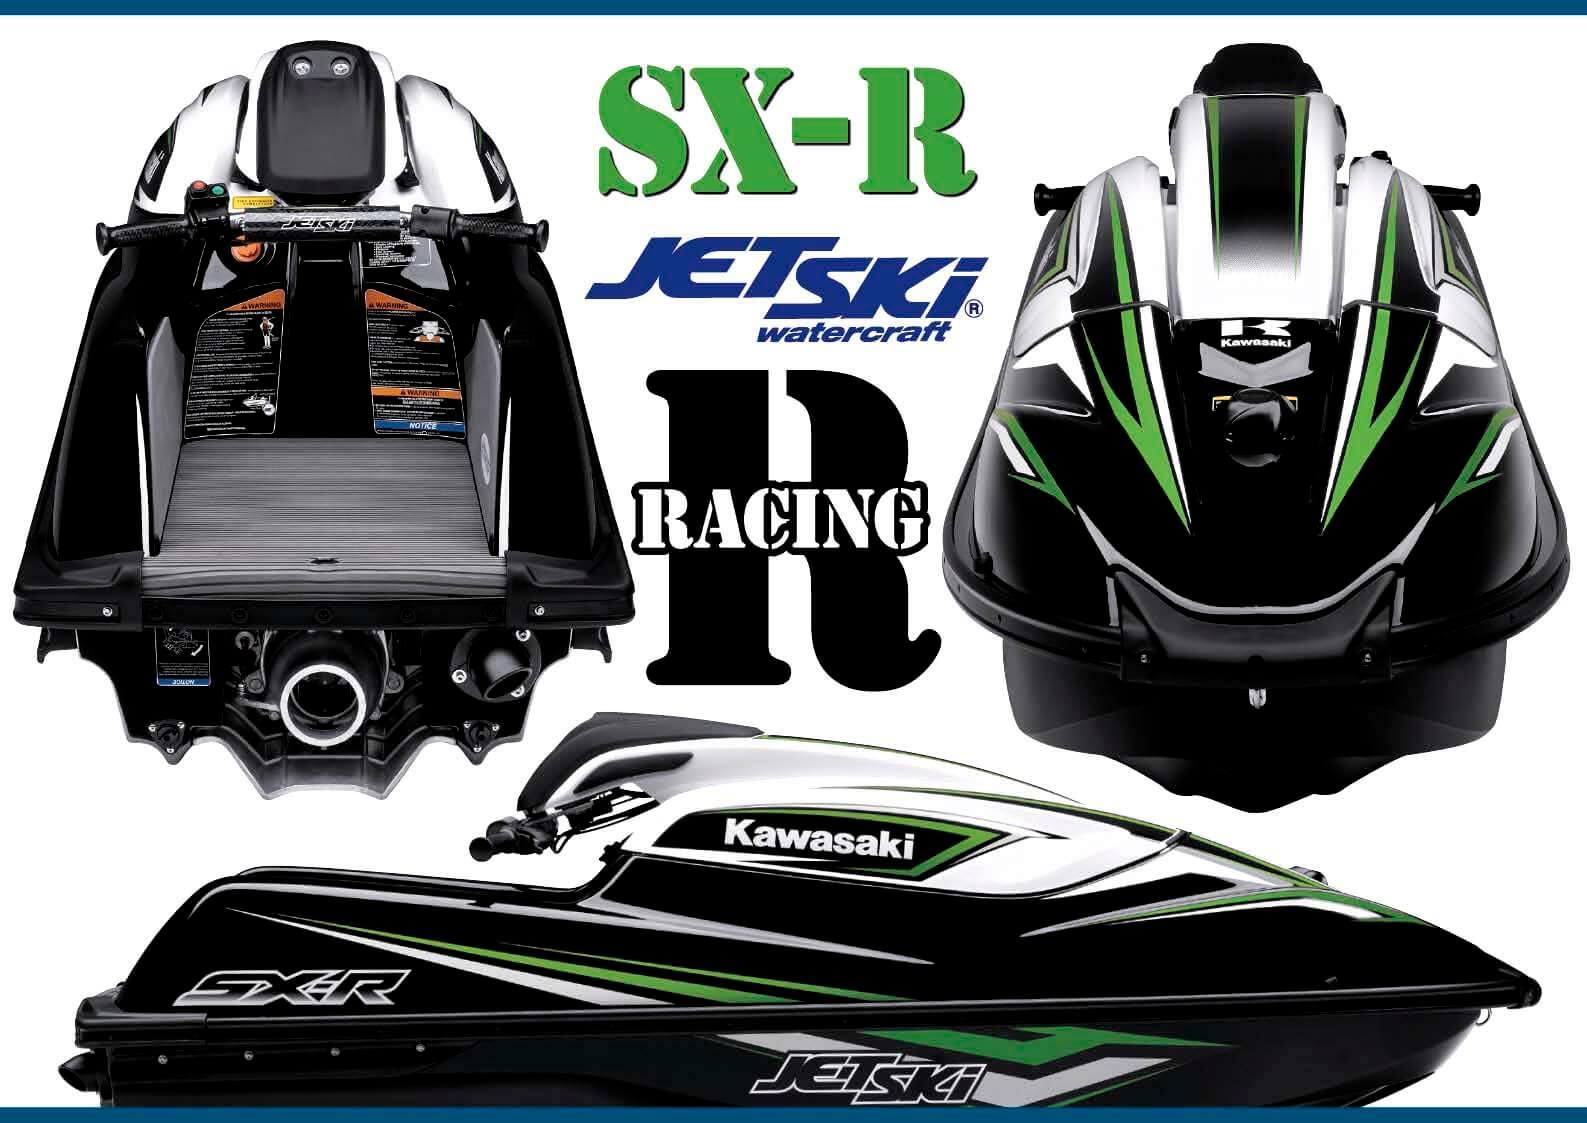 SX-R  最初に手に入れるべきものは、完璧なライディングイメージ! ジェットスキー(水上バイク)